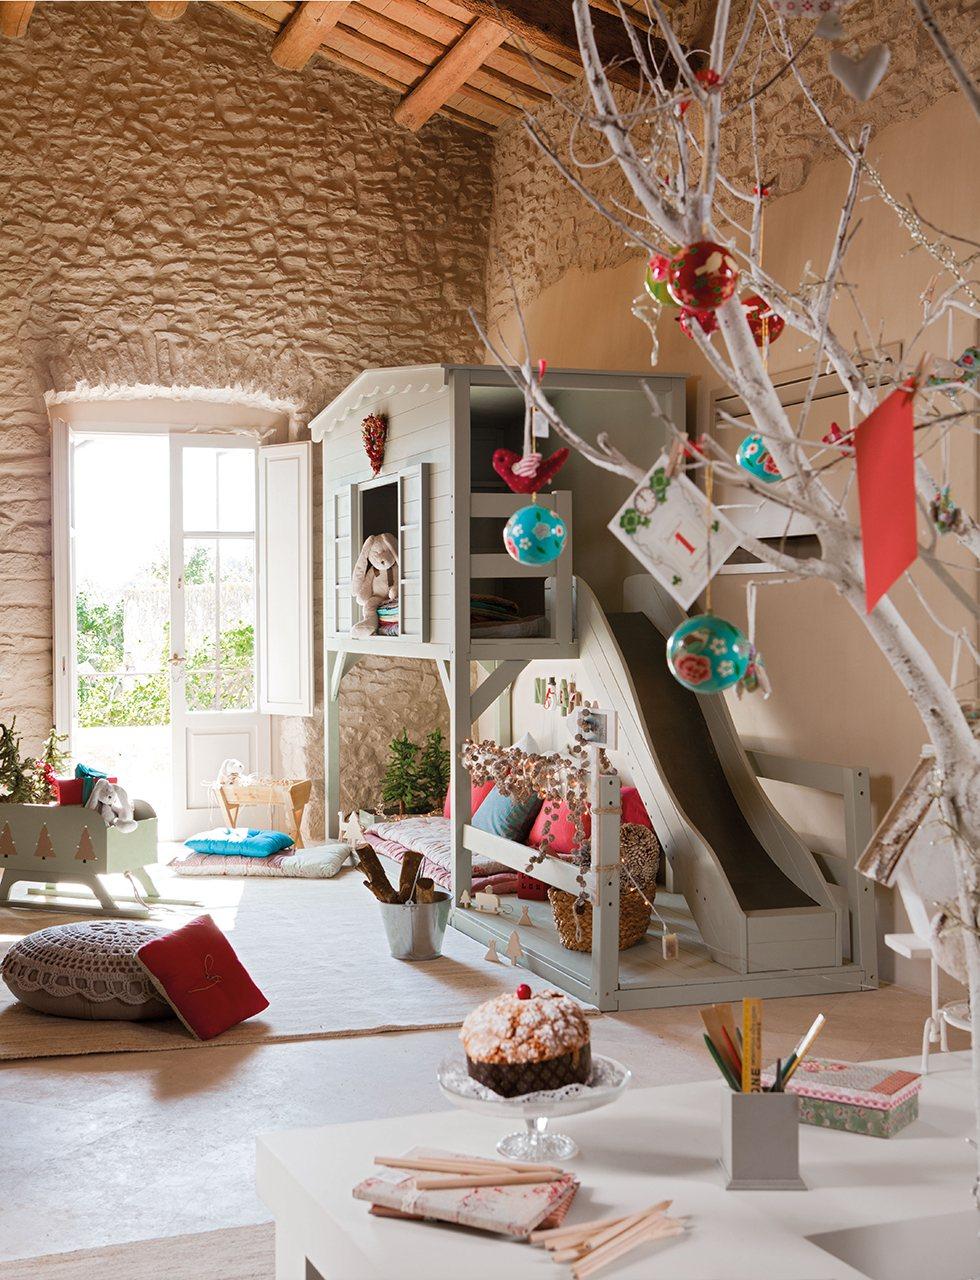 Habitaci n infantil con decoraci n de navidad - Casita con tobogan para ninos ...